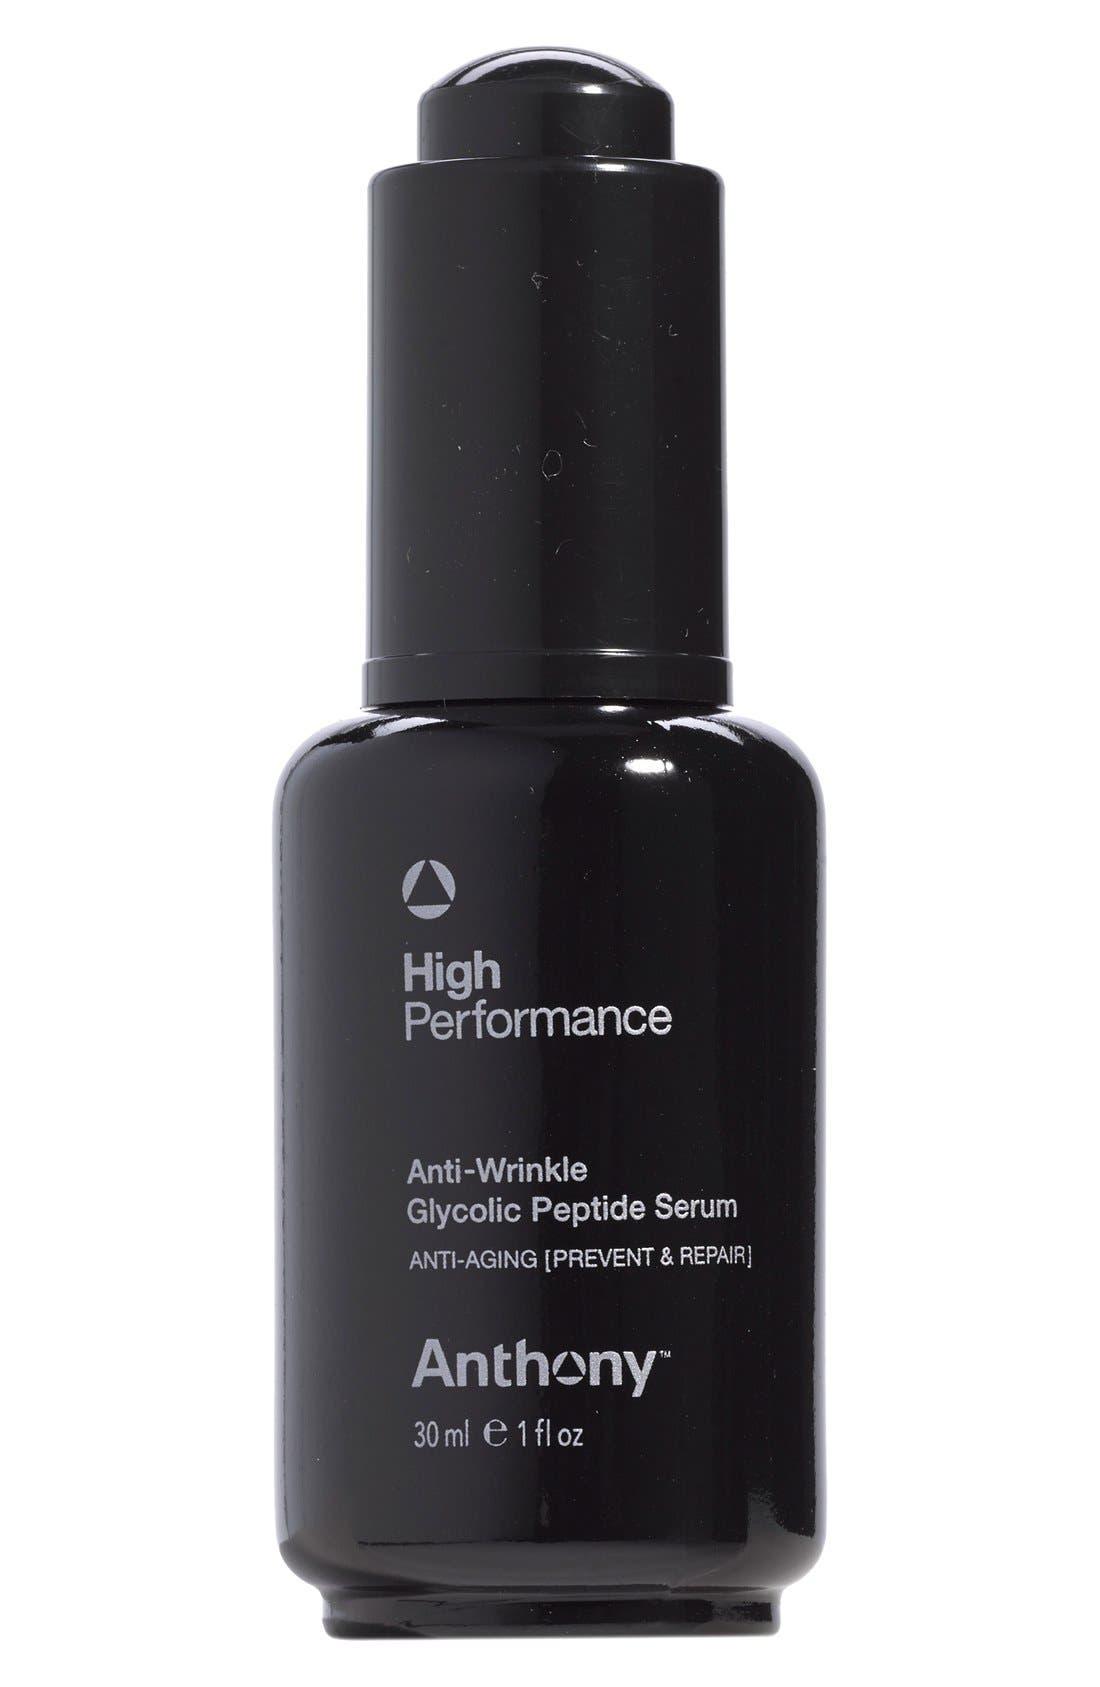 Anthony™ High-Performance Anti-Wrinkle Glycolic Peptide Serum